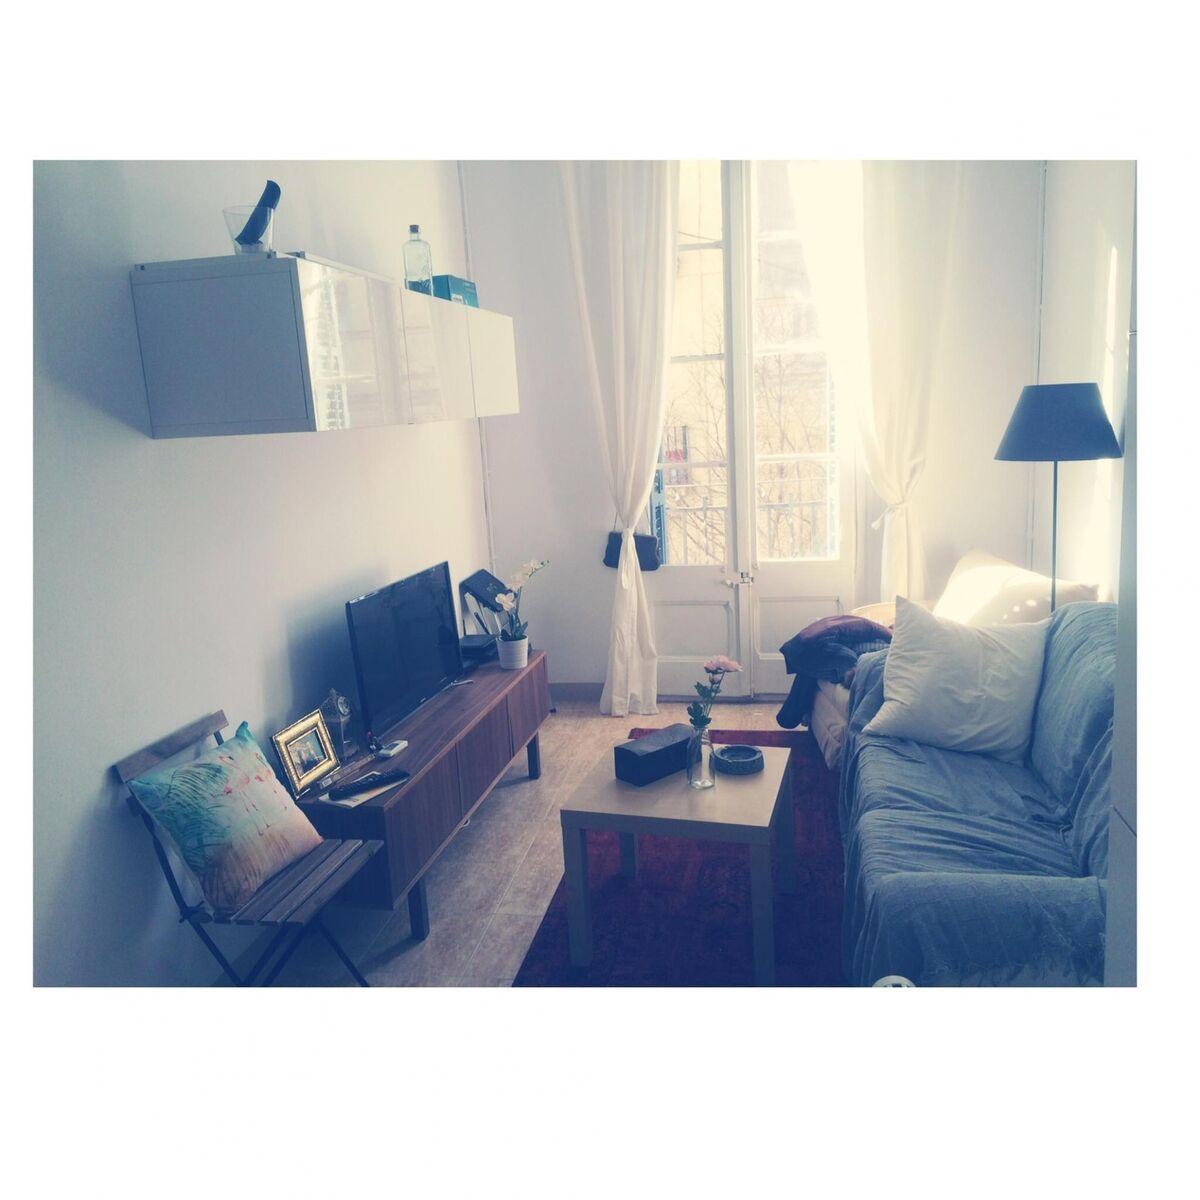 Mueble de salon blanco para colgar  muebles  electrodomésticos  2